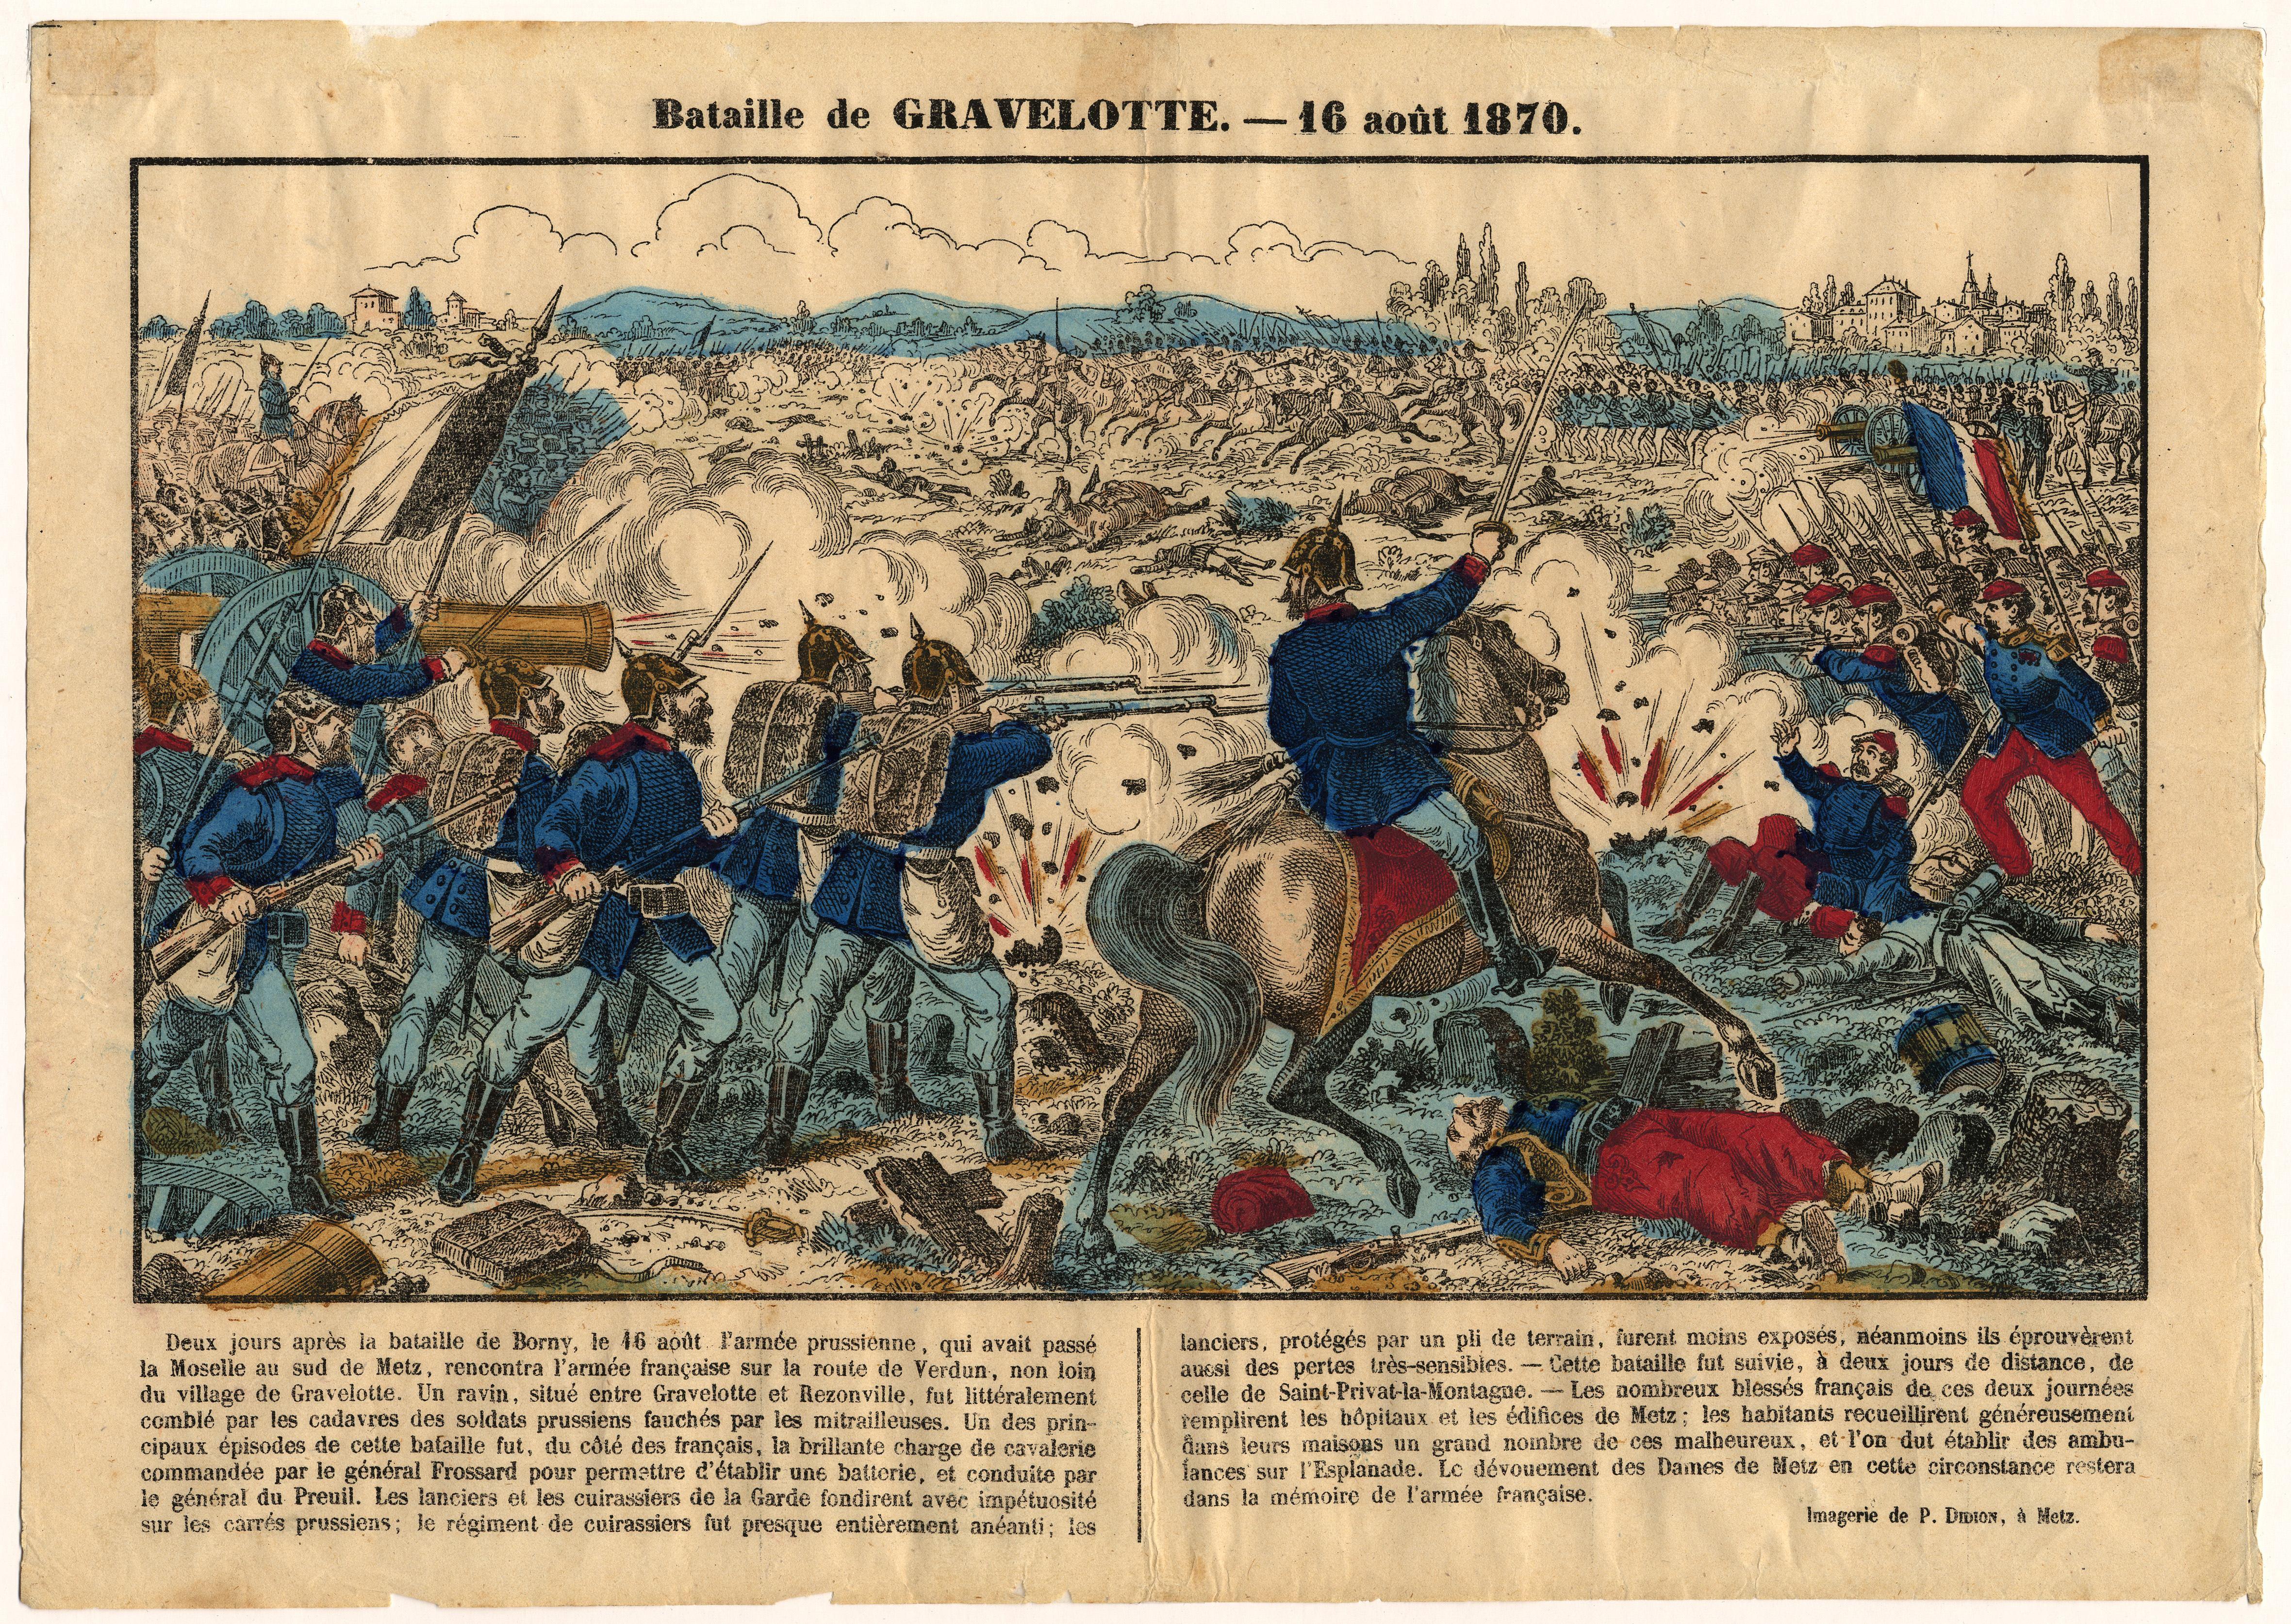 Contenu du Bataille de Gravelotte : 16 août 1870